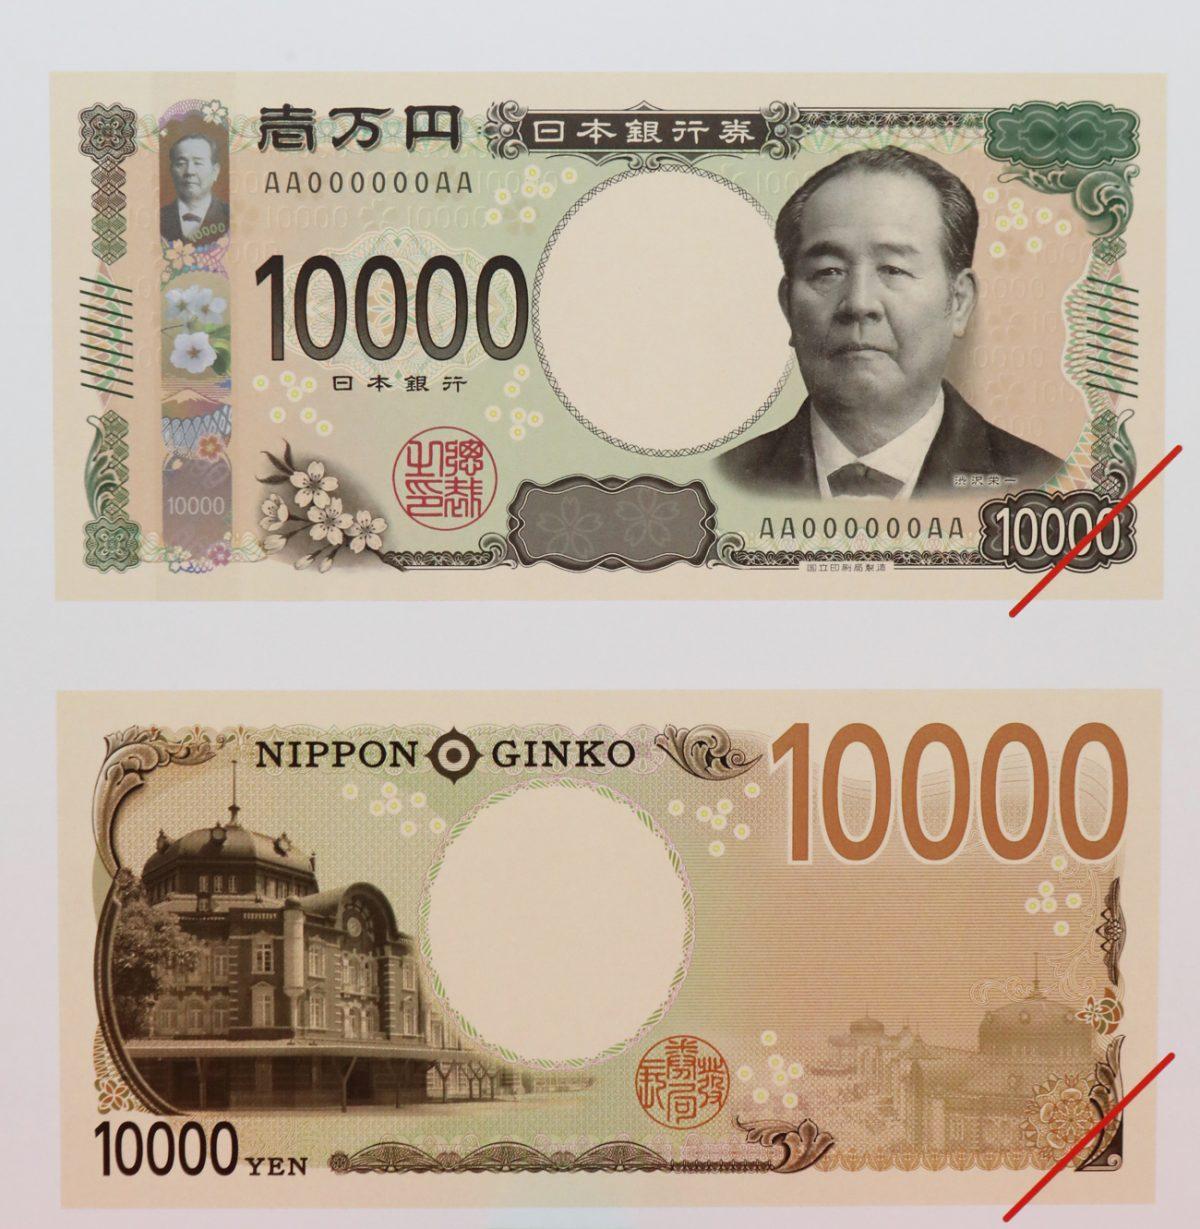 新紙幣誕生! 通し番号って使い切ったらどうなる?